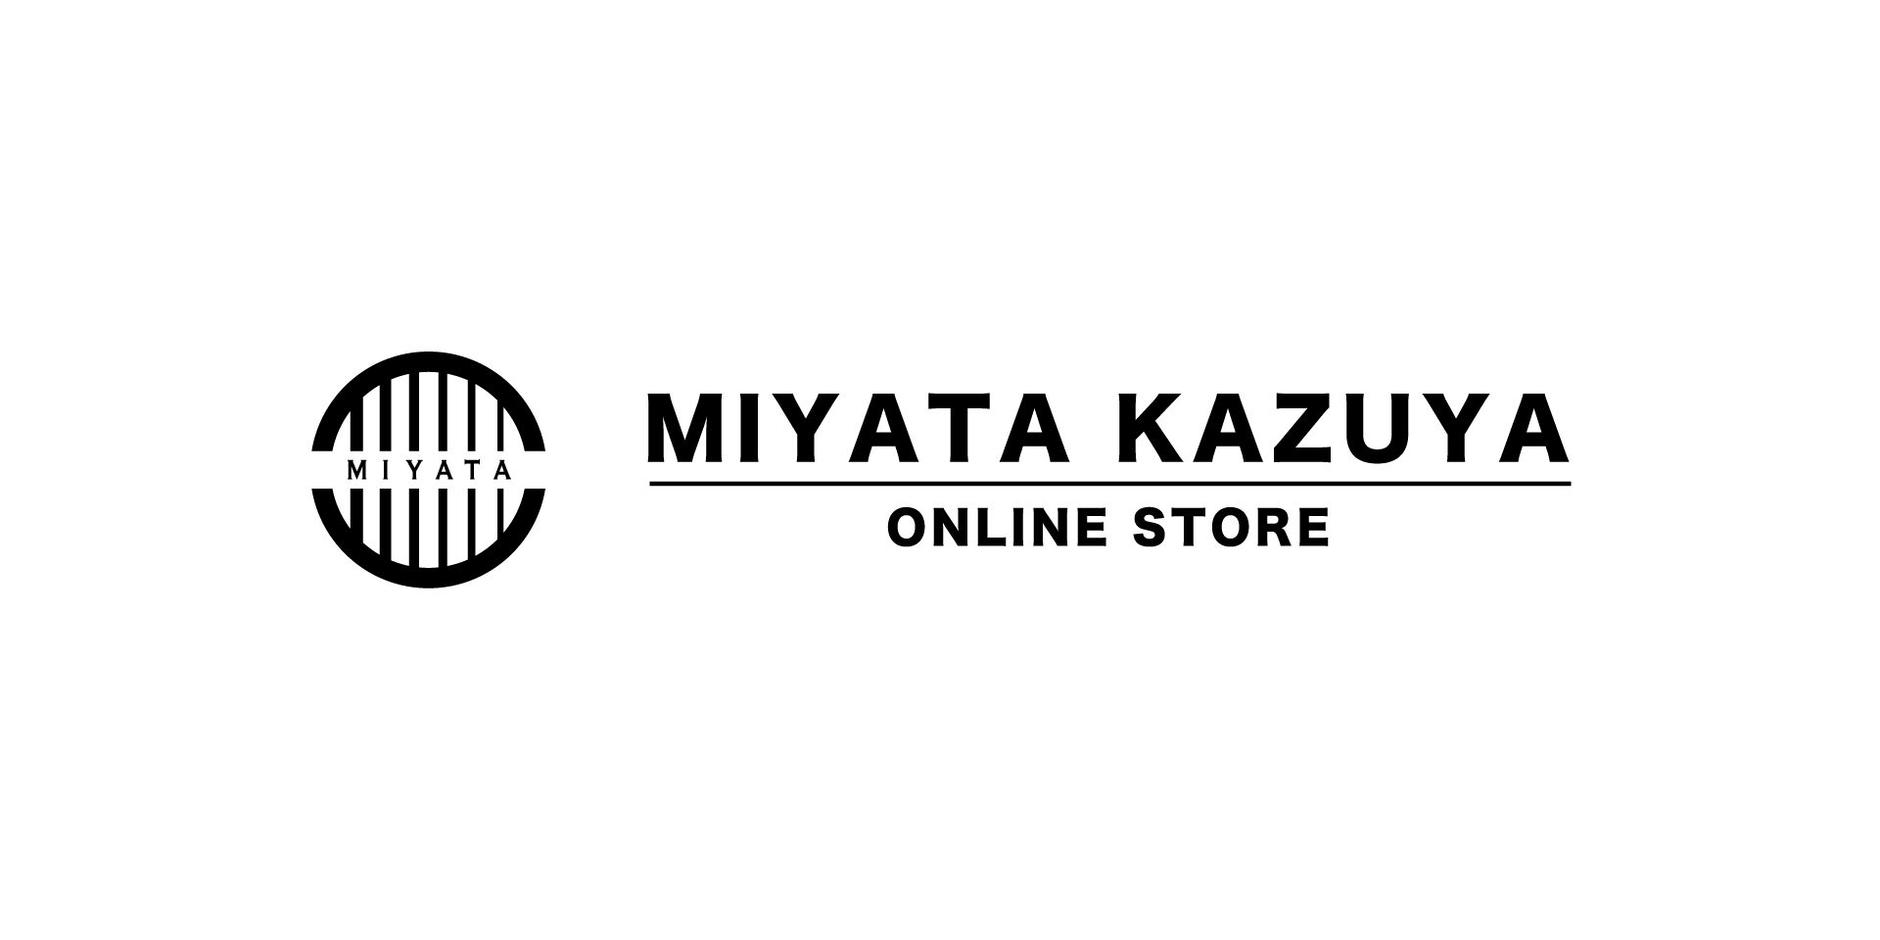 MIYATA KAZUYA Online Store